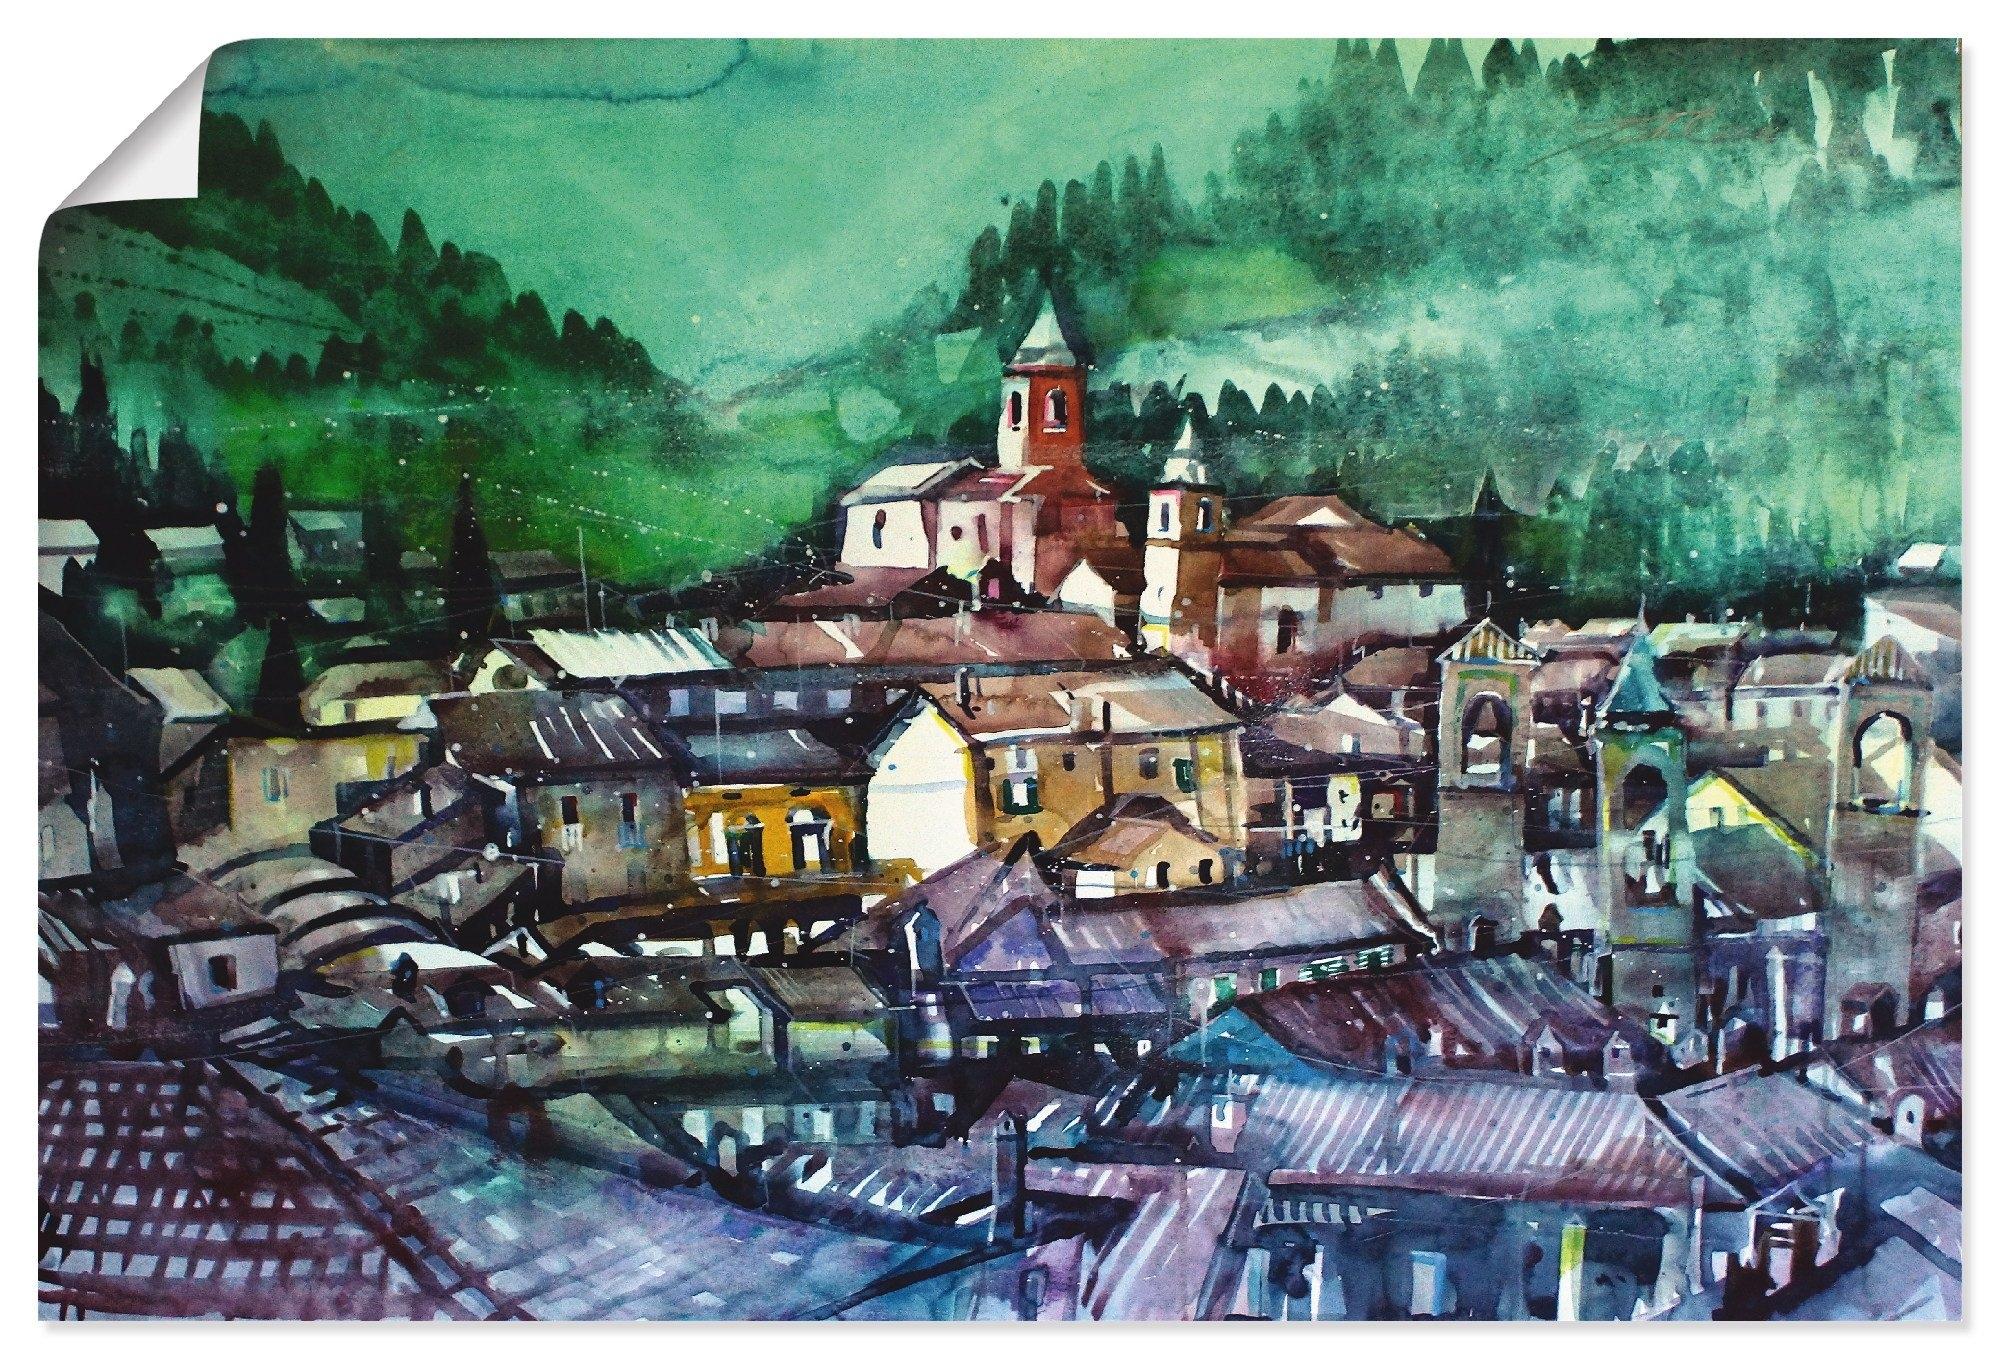 Artland artprint Emilia Romagna, blik op La Tribuna in vele afmetingen & productsoorten - artprint van aluminium / artprint voor buiten, artprint op linnen, poster, muursticker / wandfolie ook geschikt voor de badkamer (1 stuk) goedkoop op otto.nl kopen